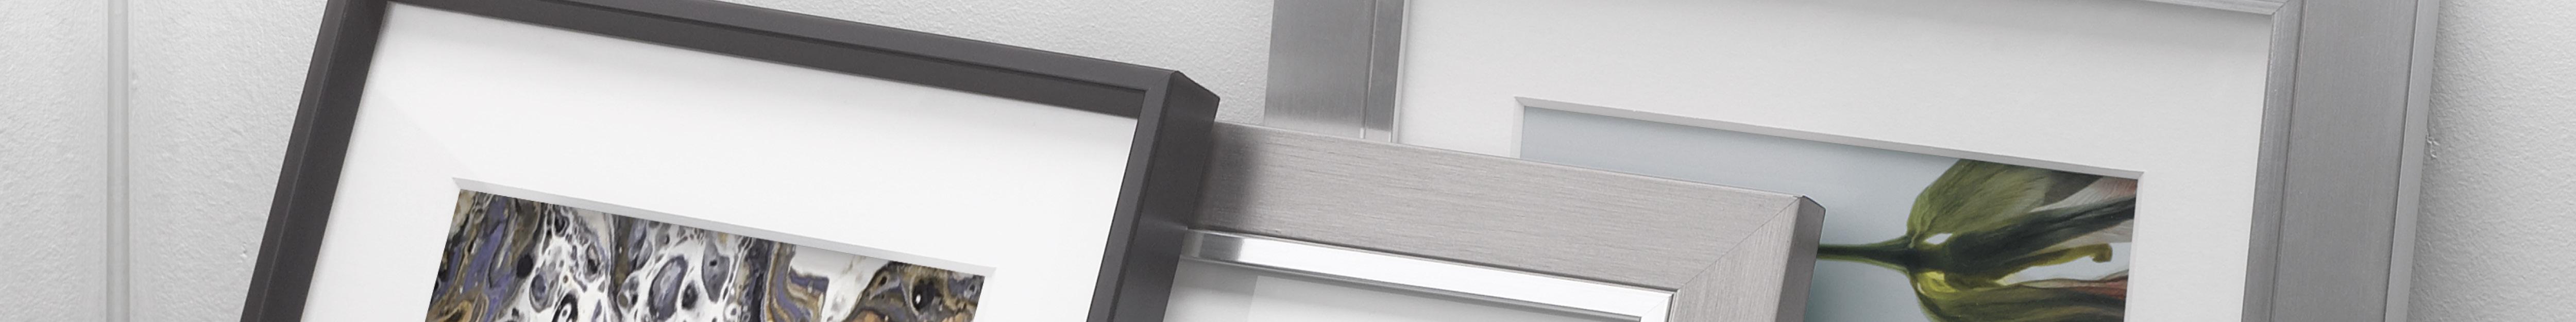 Picture & Art Frames | BLICK Art Materials